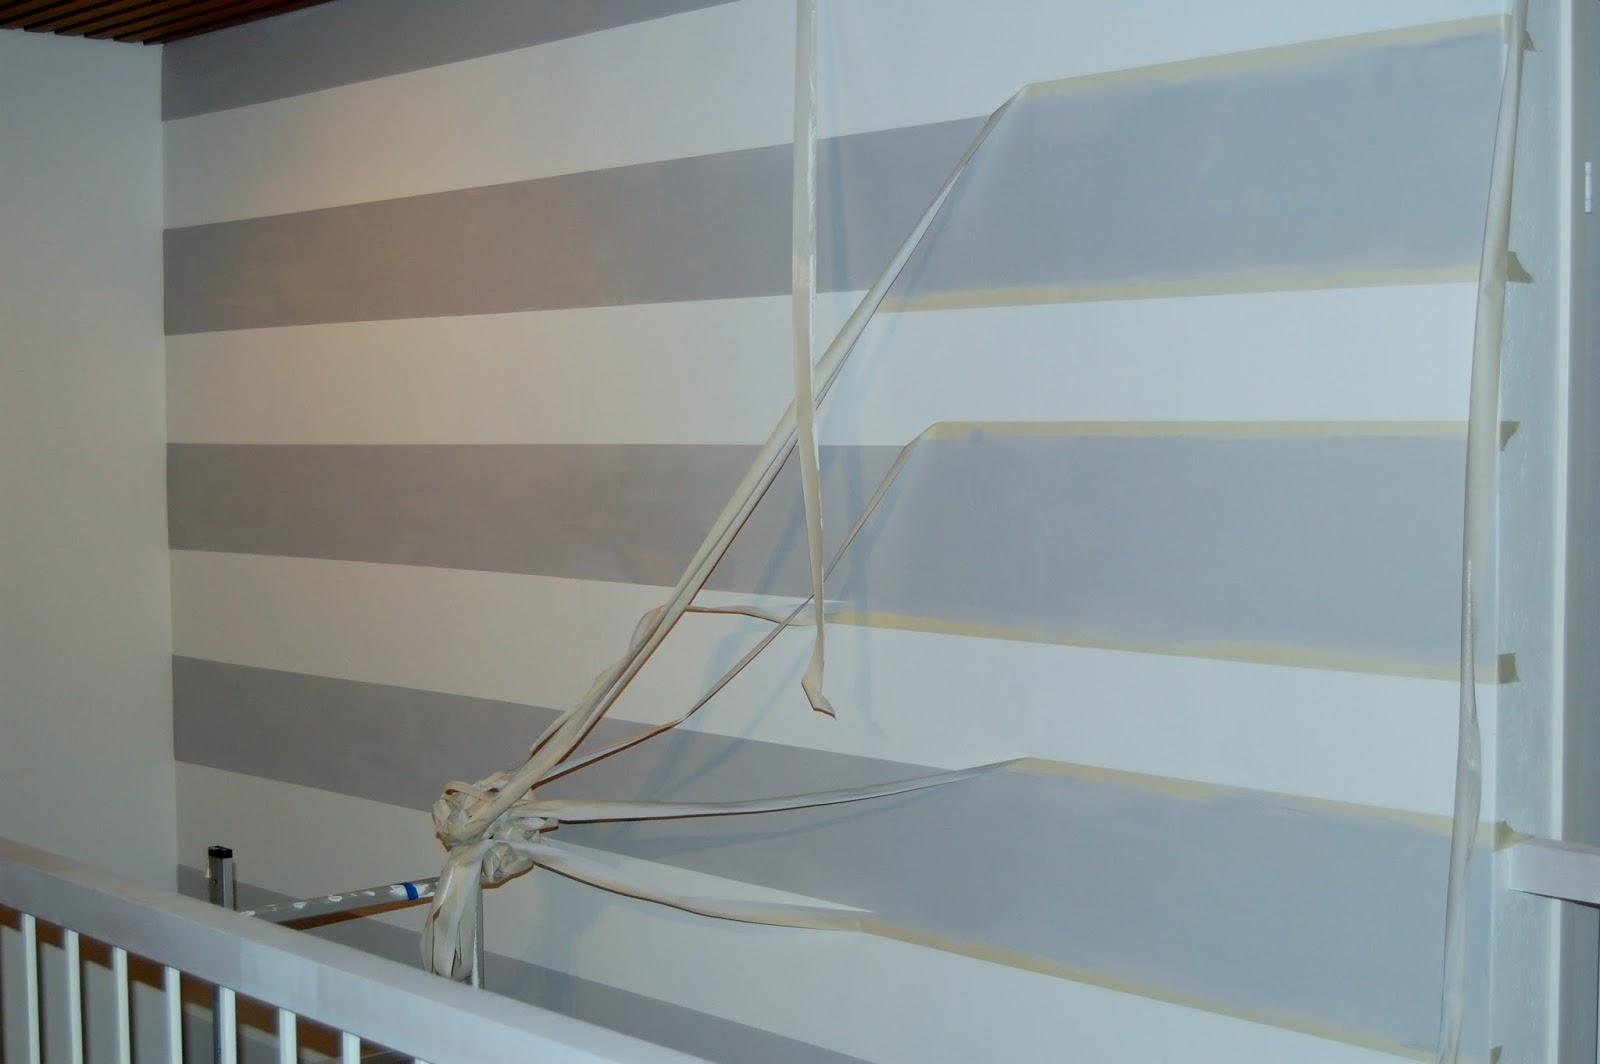 Raitojen maalaaminen seinään